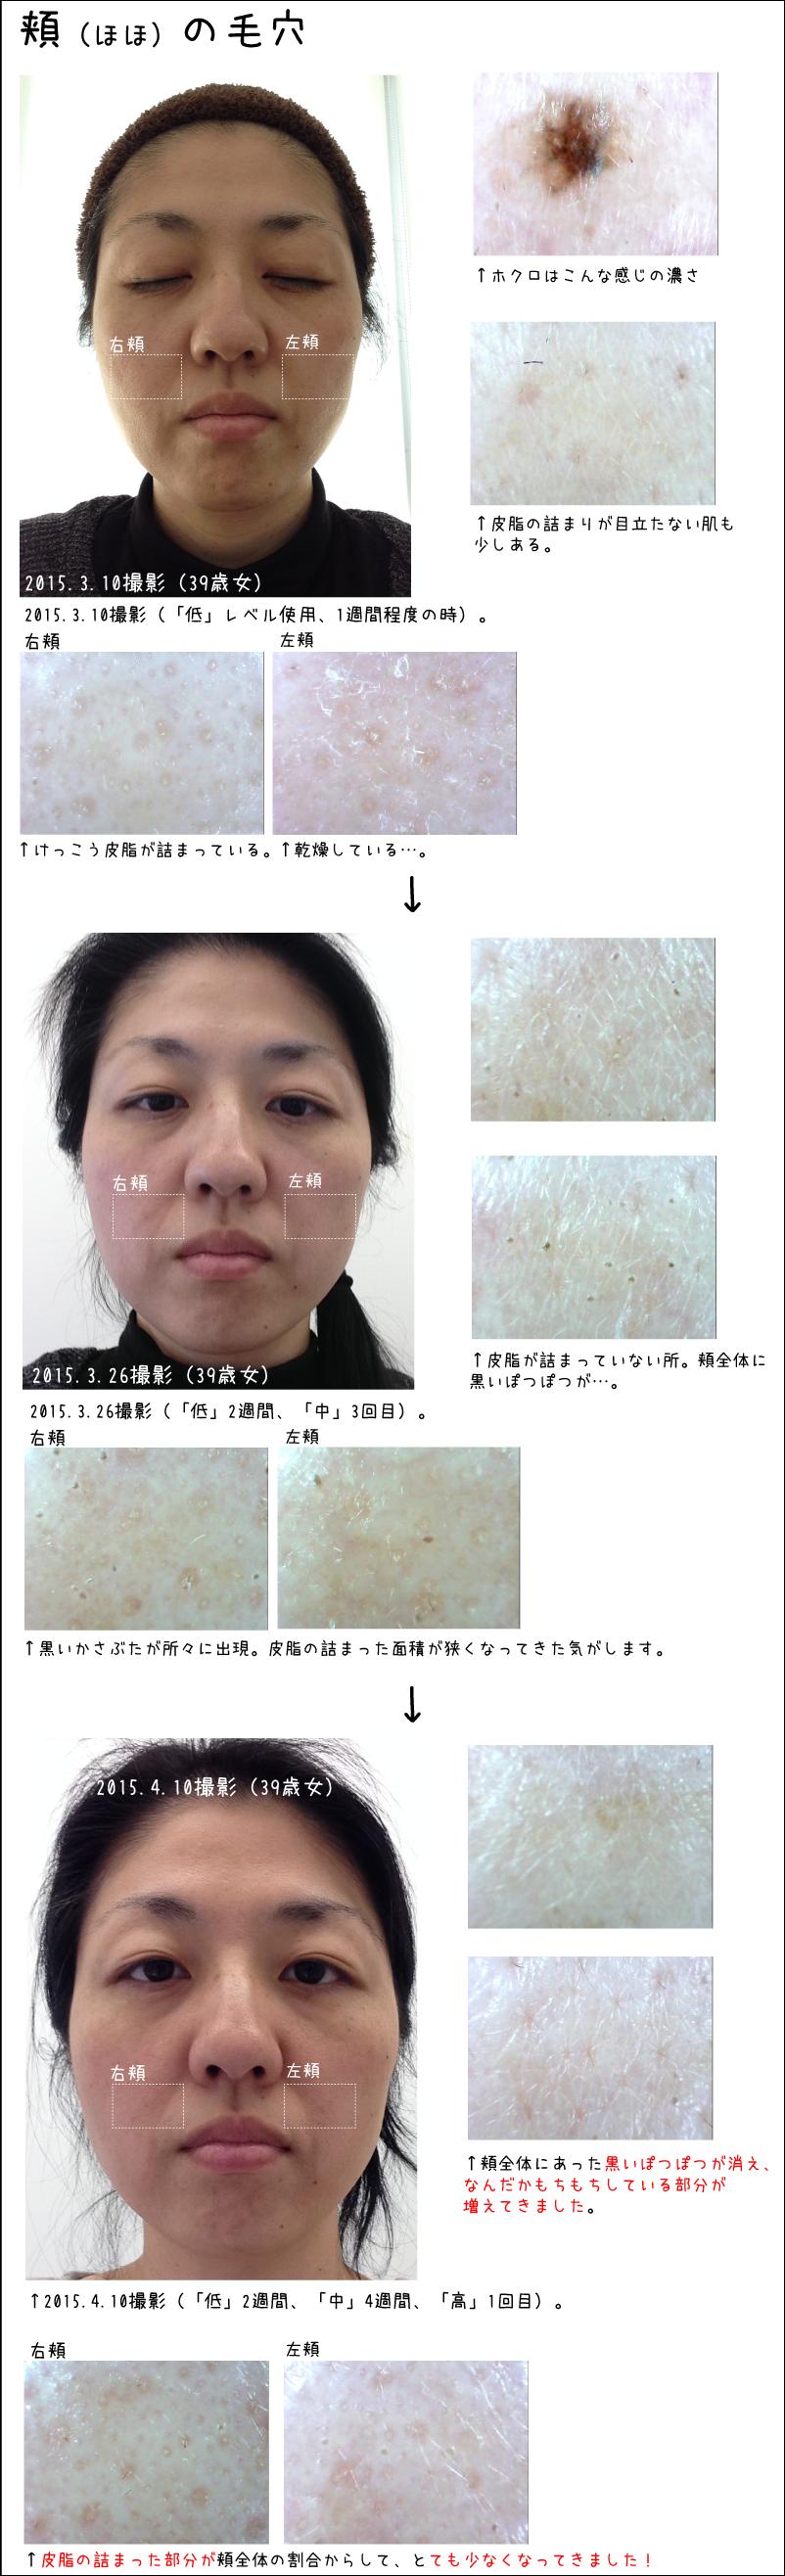 頬の毛穴が引き締まり、肌がもちもちし始めました。トリスキンエイジングケアレーザーの肌の変化